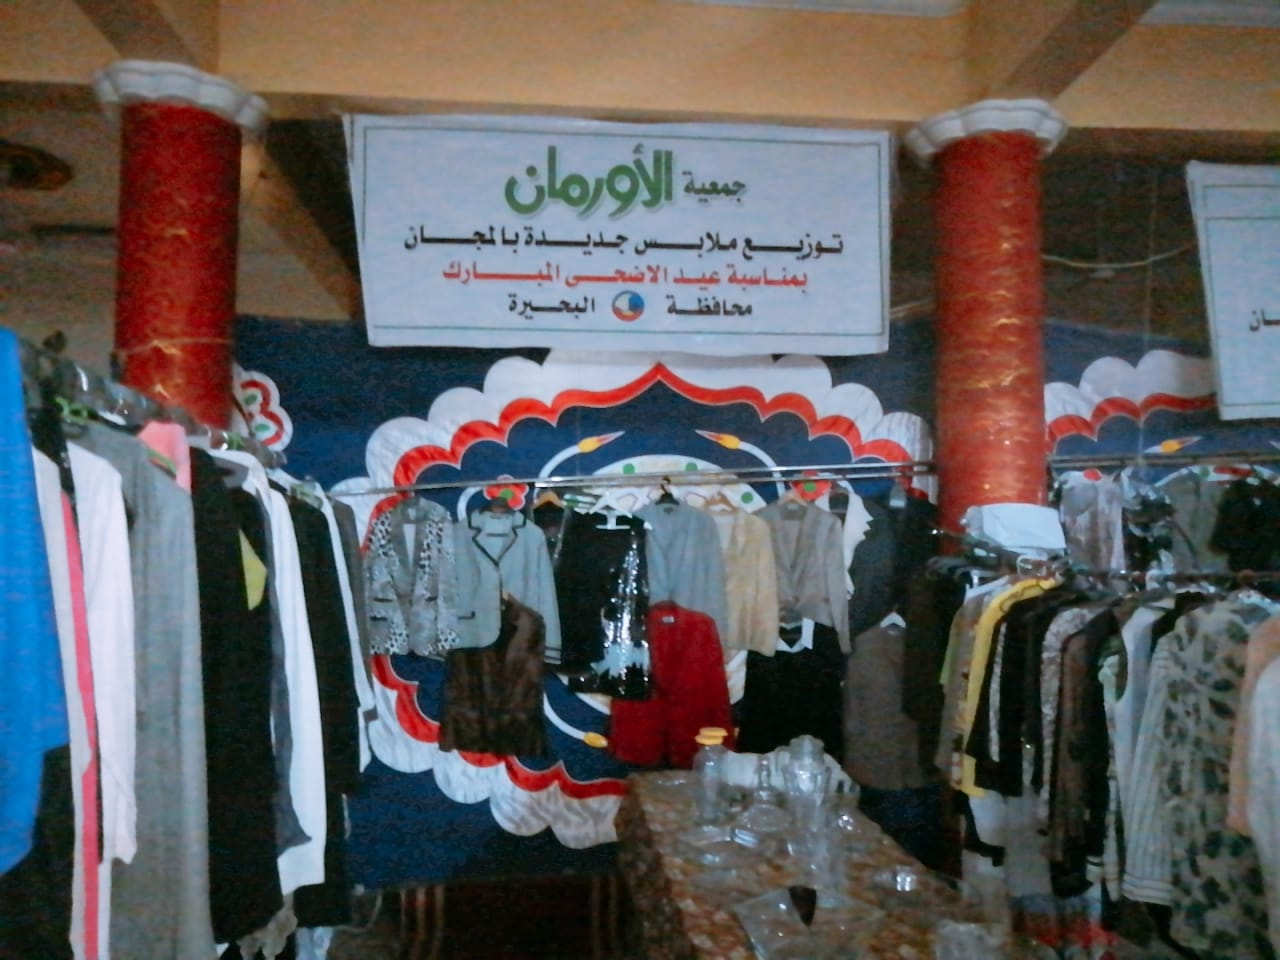 تنظيم معرض لتوزيع 3000 قطعه ملابس جديده بالمجان على محدودي الدخل بكوم حمادة من الاورمان